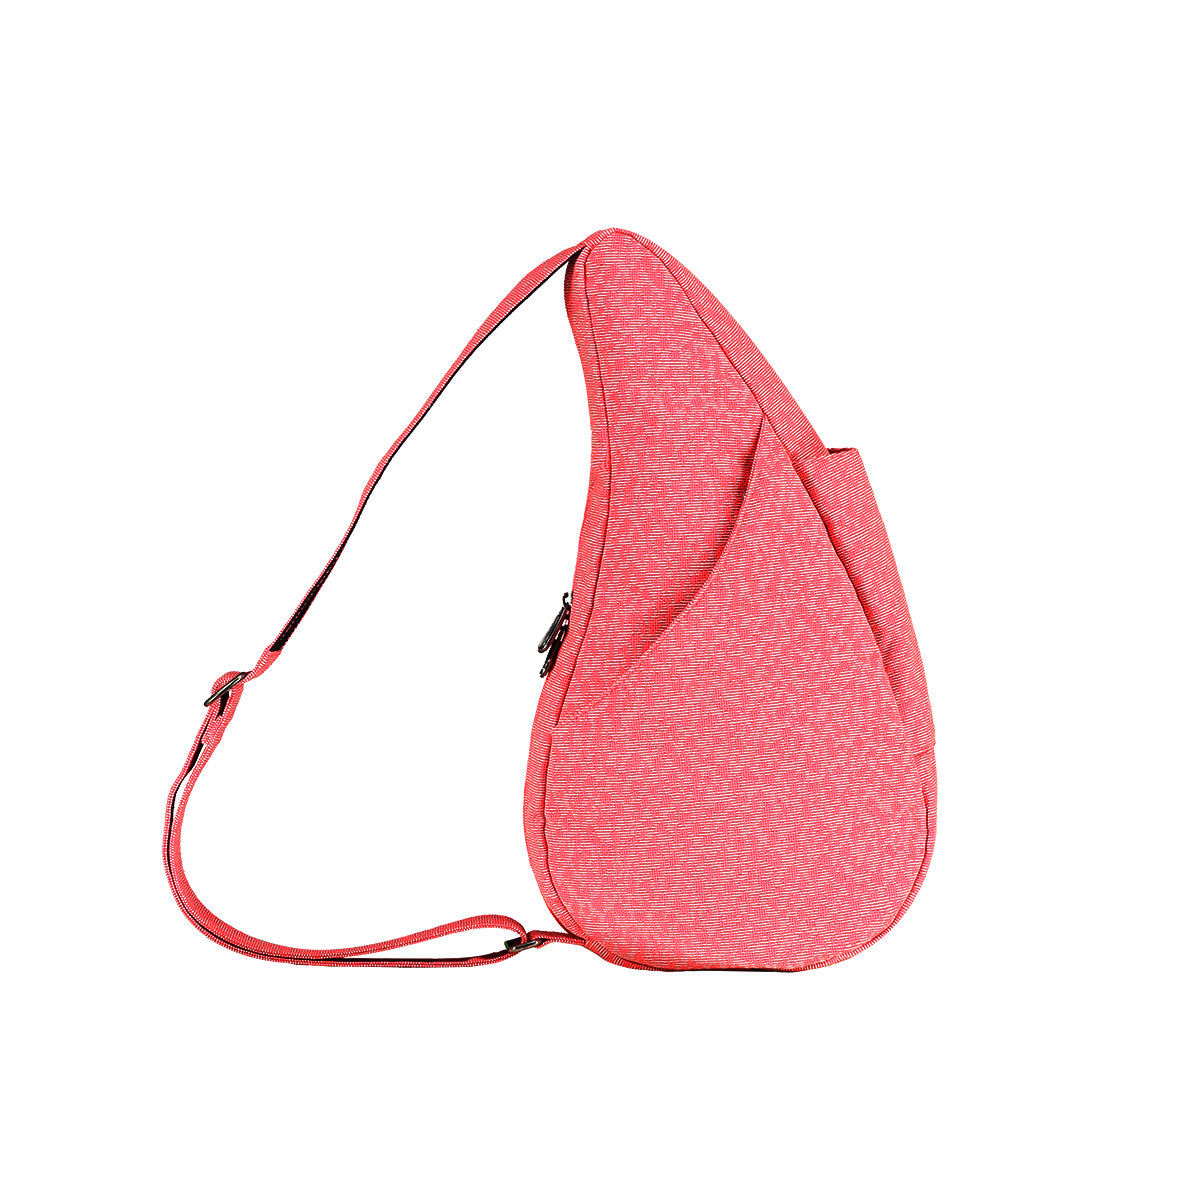 Healthy Back Bag/ヘルシーバックバッグ/ショルダーバッグ/ボディバッグ/旅行バッグ/軽量/レディース/メンズ 公式ストア ヘルシーバックバッグ フィジタル Sサイズ キャンディピンク